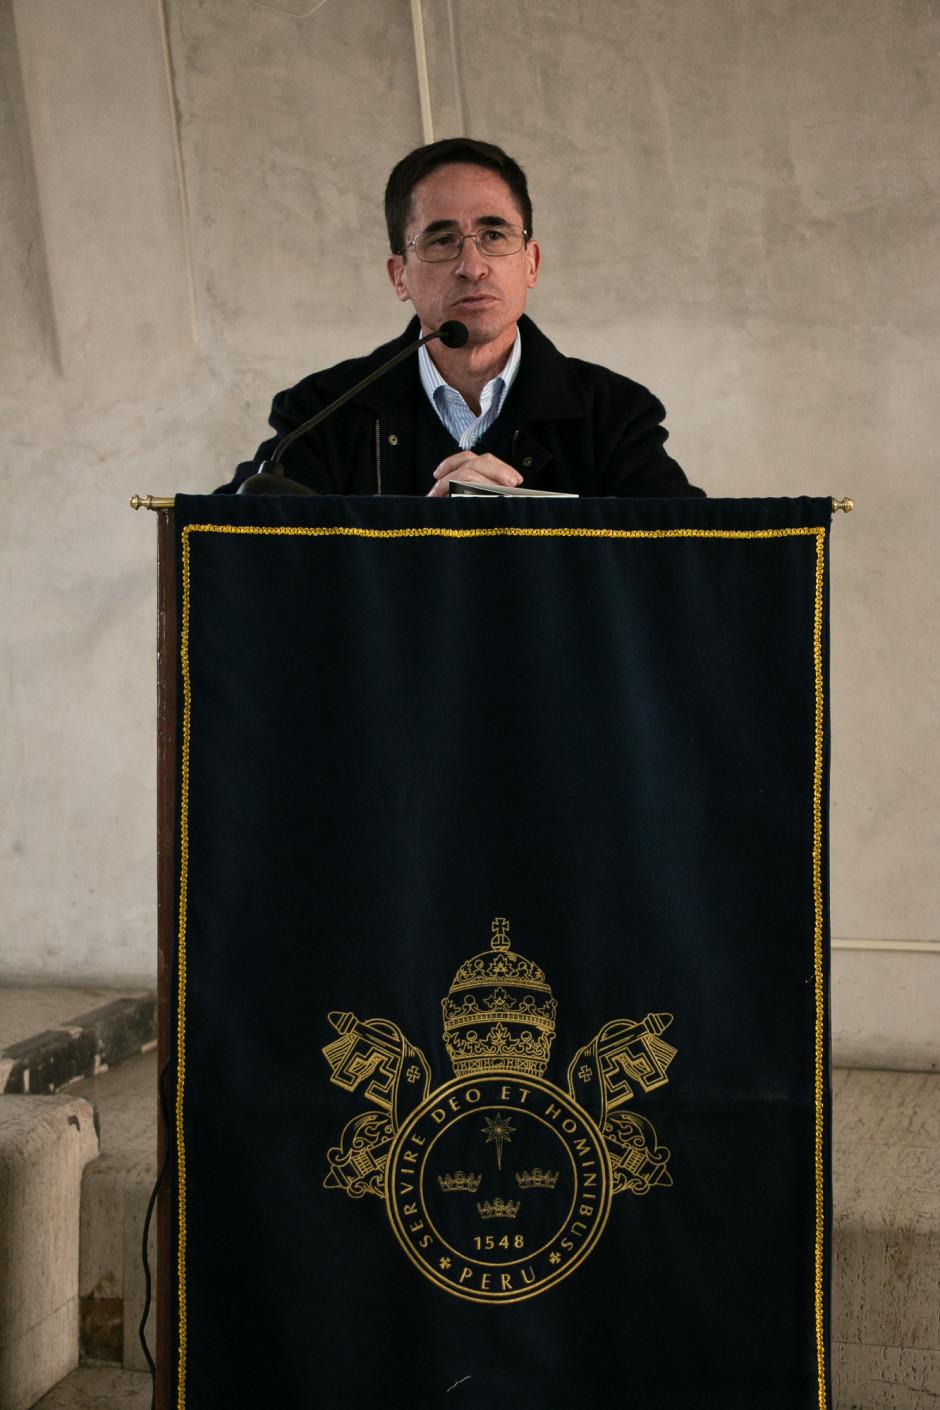 Presentación del libro San Agustín Maestro y Doctor del sodálite Gustavo Sánchez - Noticias Sodálites (1)